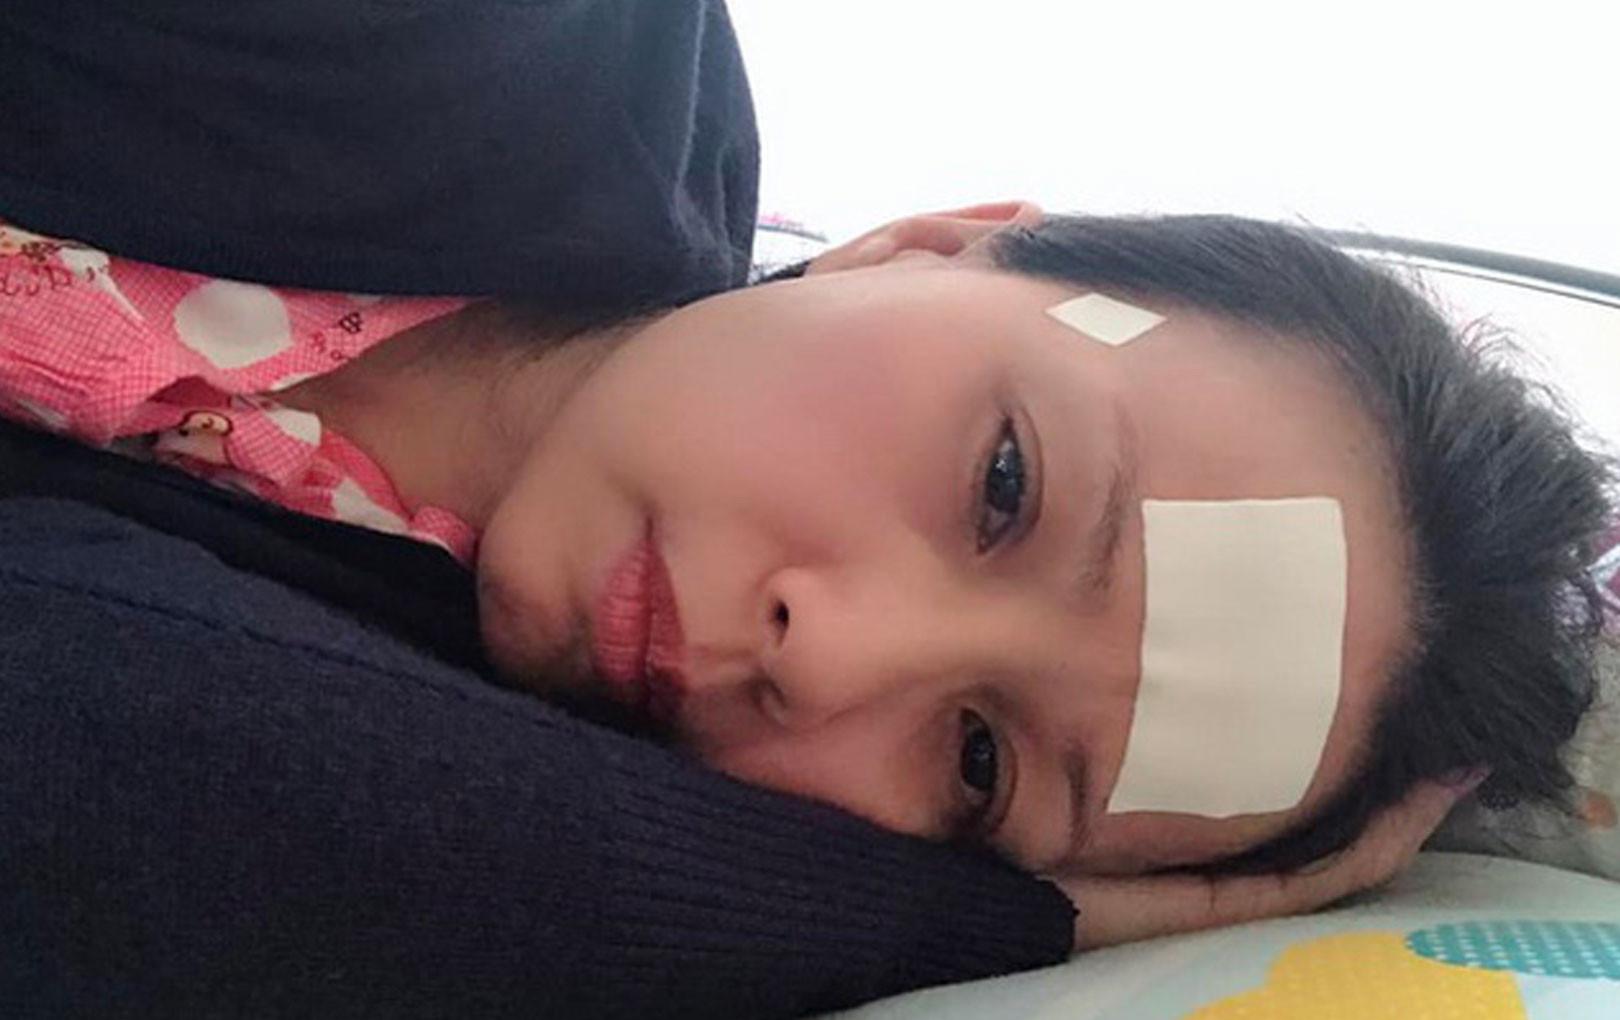 Cẩm Ly sụt cân, đi bệnh viện cấp cứu vì nhiễm trùng cánh tay, nặng đến mức hủy bỏ show diễn